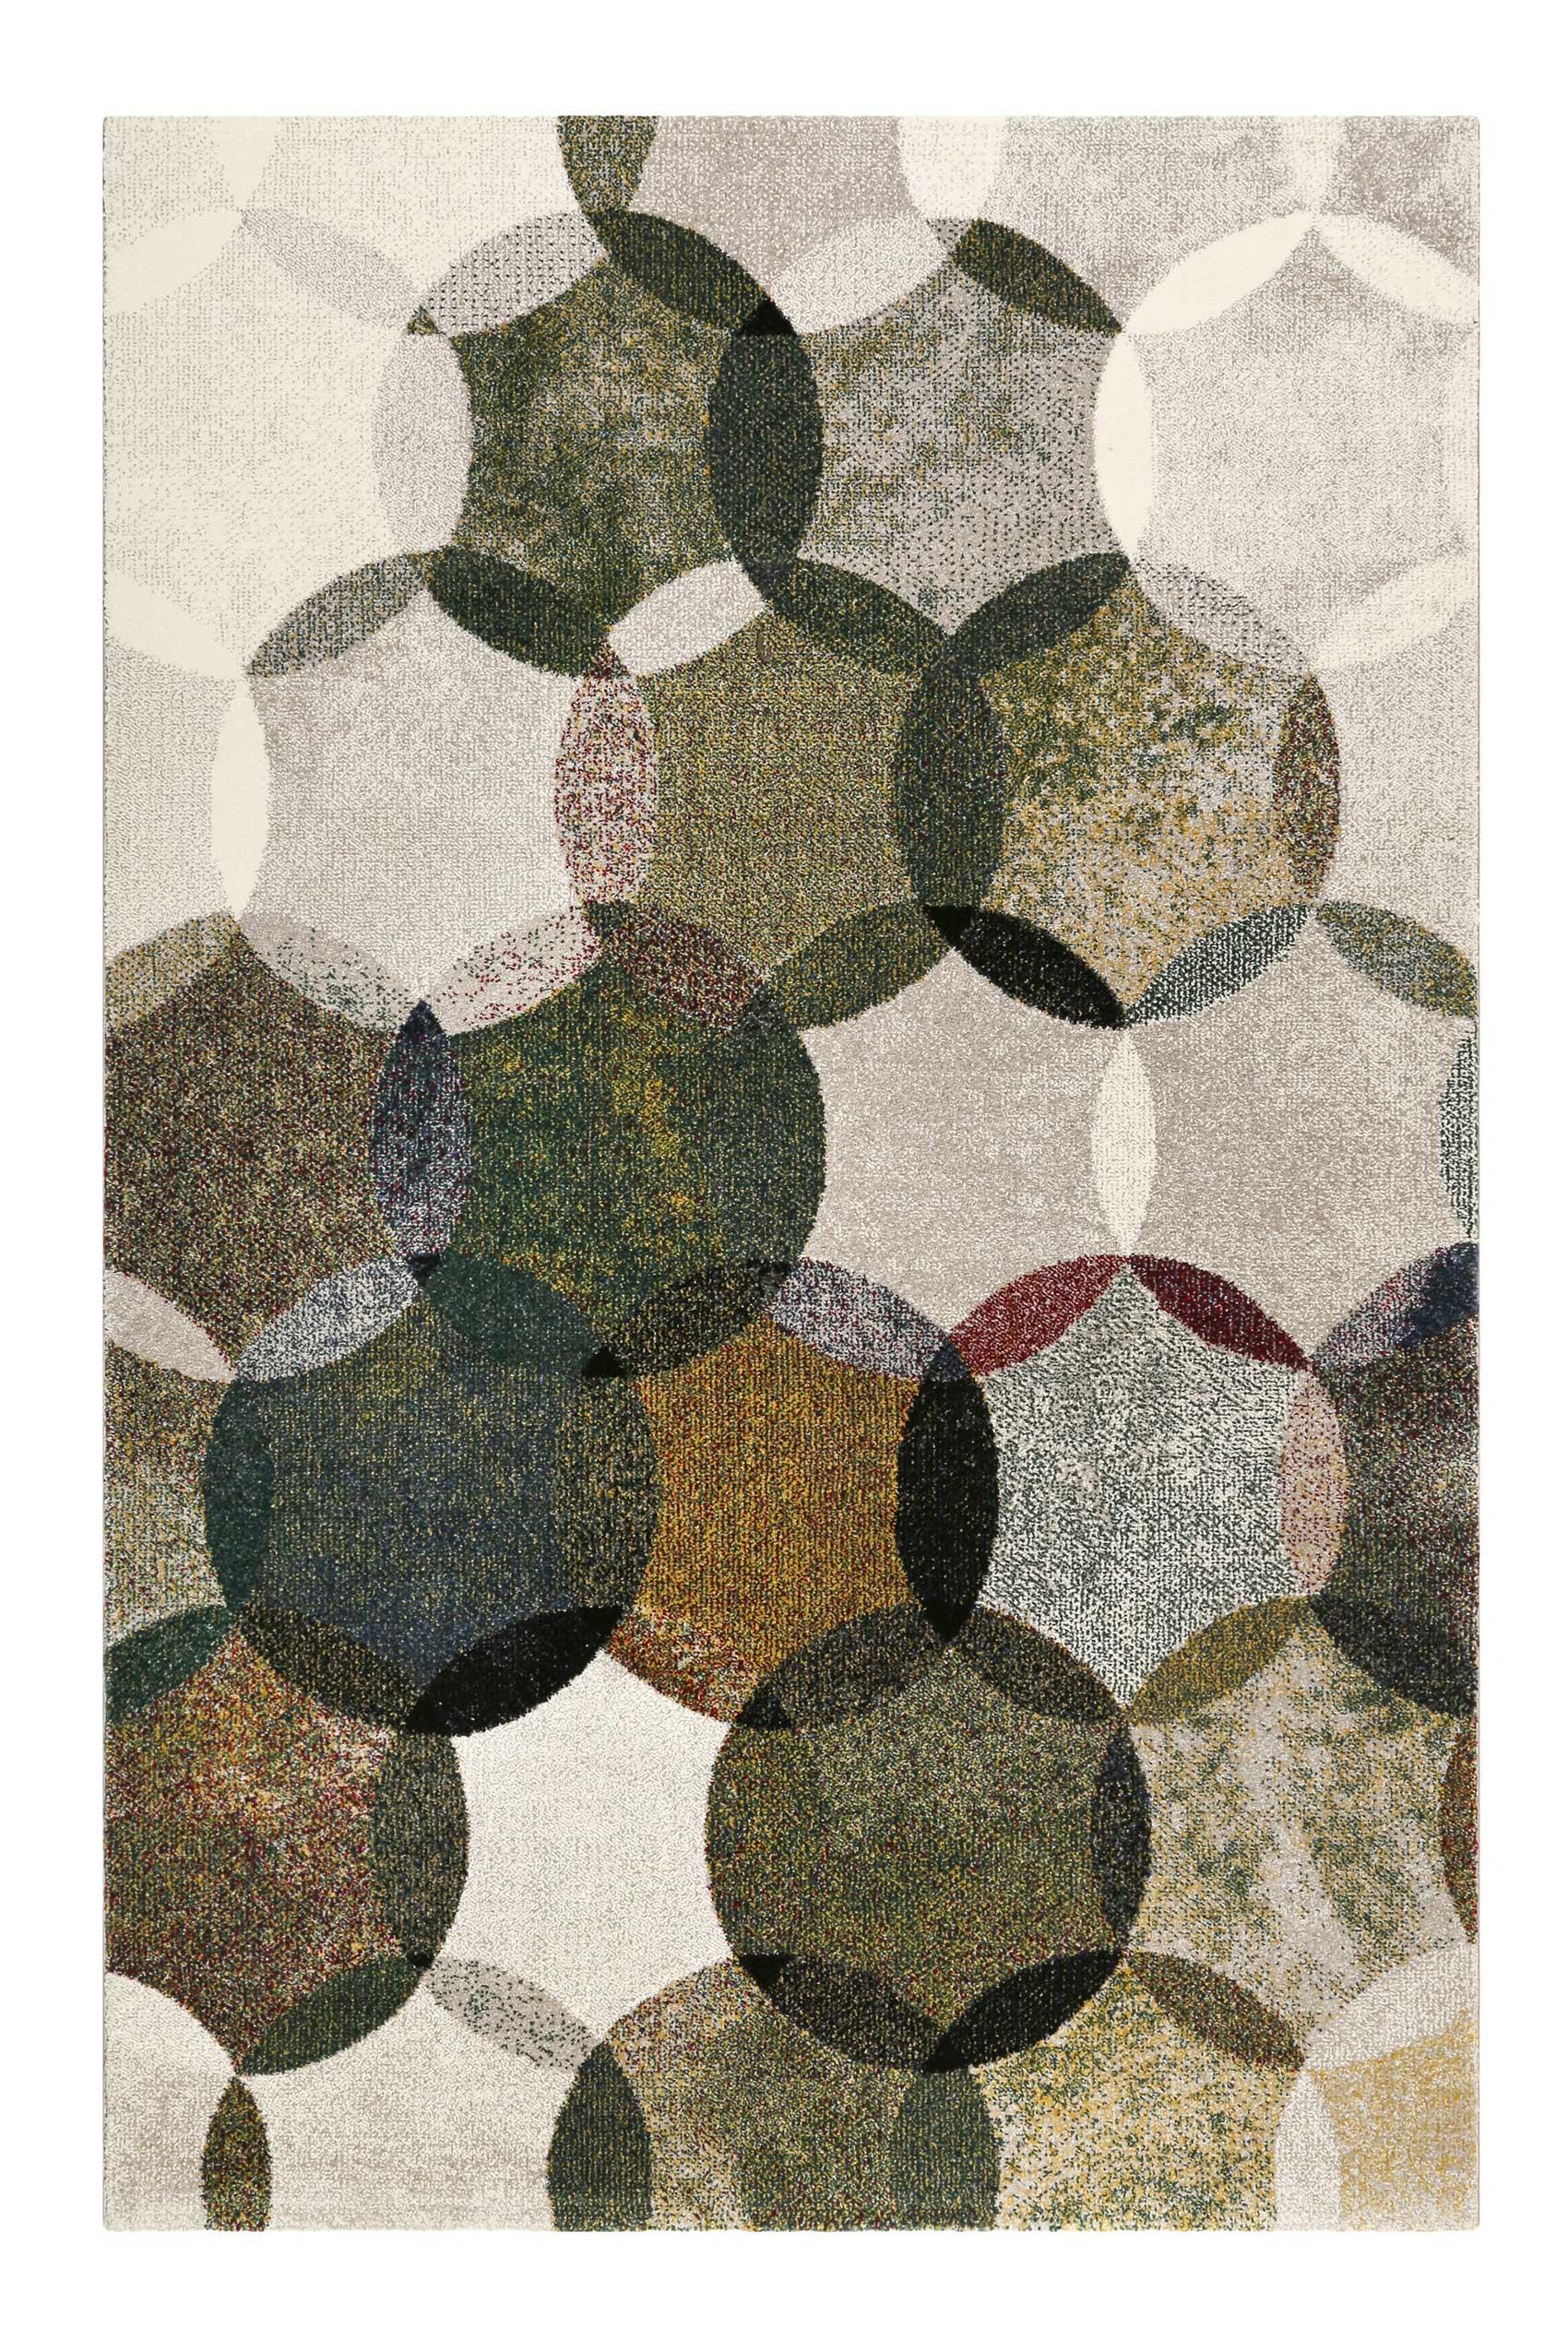 Tapis motif cercles vintage vert/gris pour salon, chambre 225x160